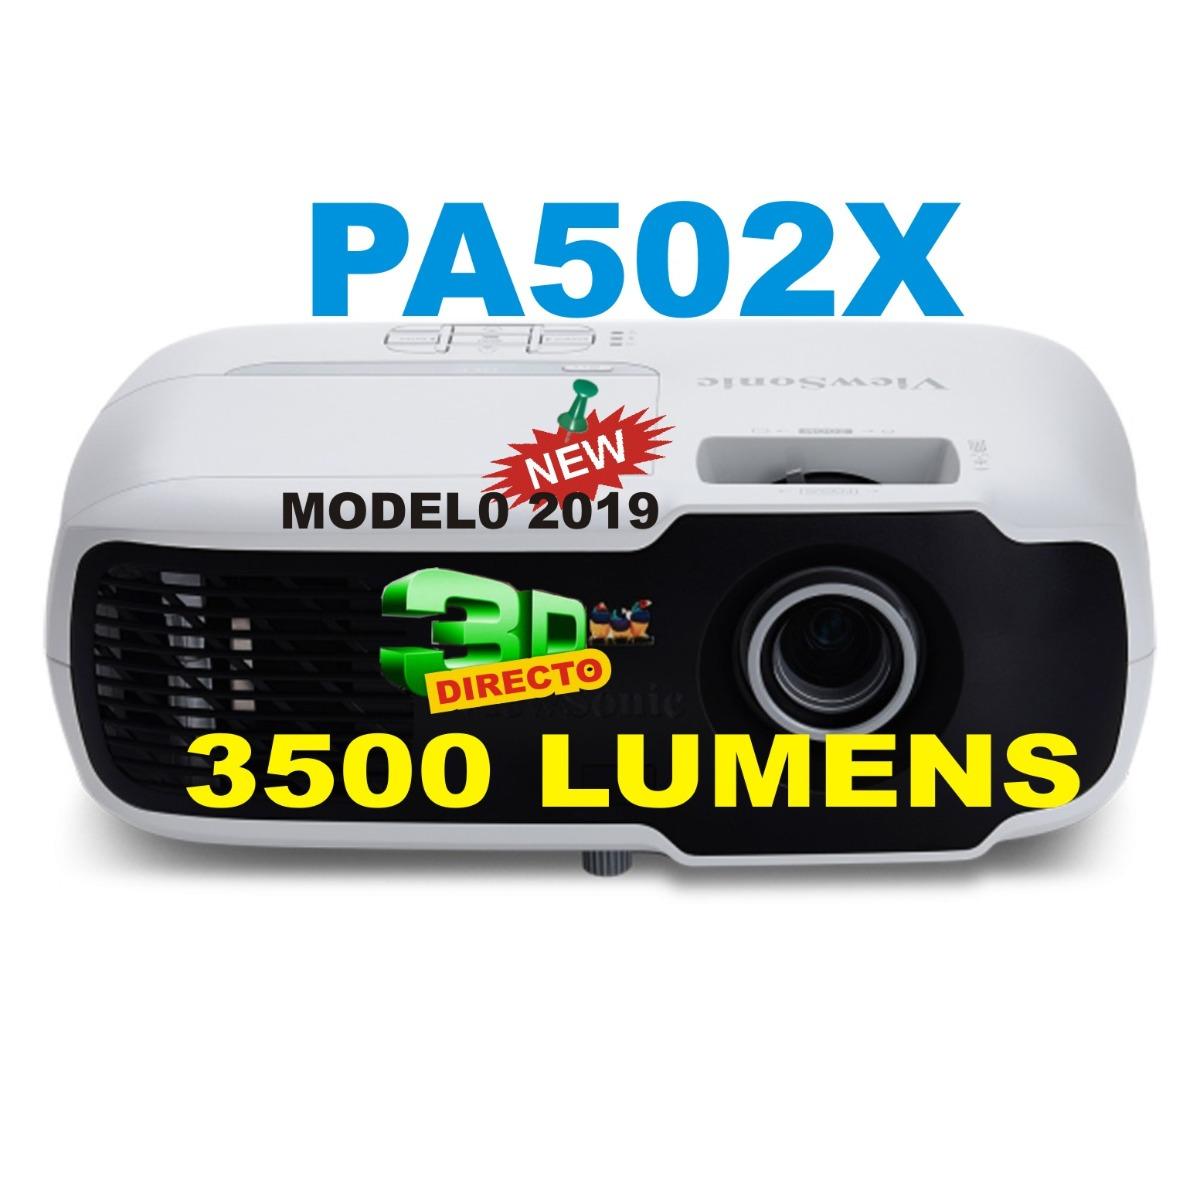 https://http2.mlstatic.com/proyector-viewsonic-pa502x-3500-lumens-xga-hdmi-usb-D_NQ_NP_735052-MLA30684730957_052019-F.jpg